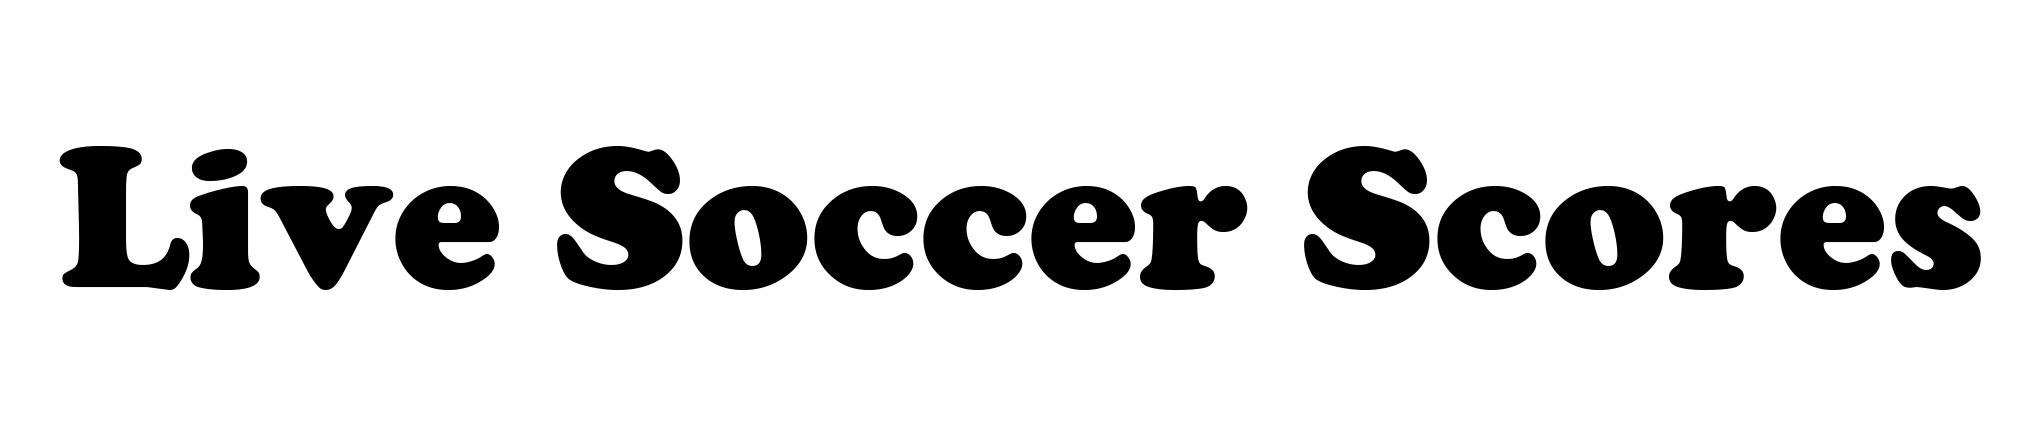 Soccer24 scores